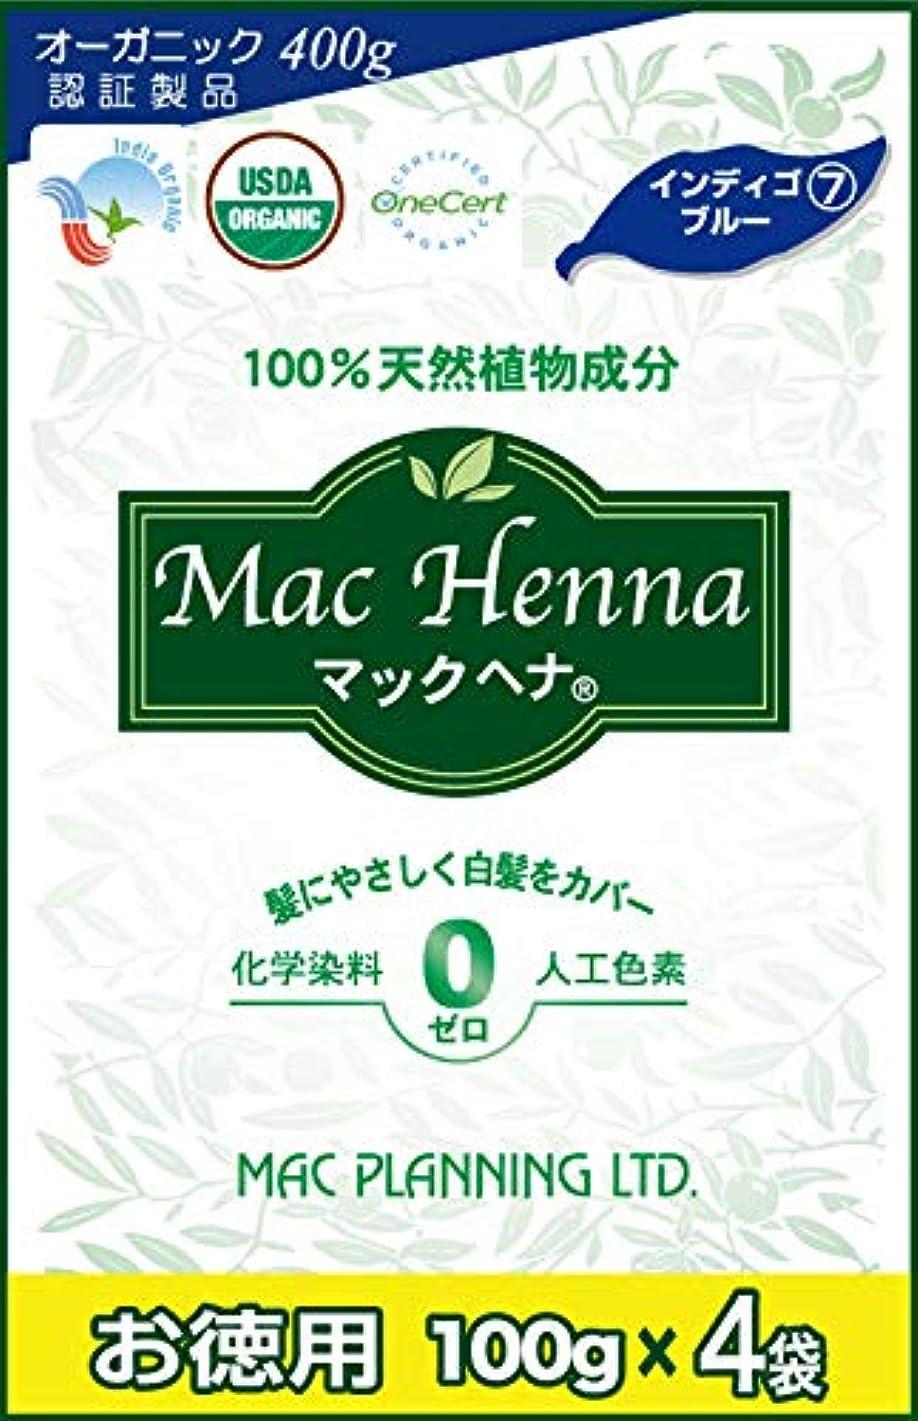 戻す反映する授業料マックヘナ お徳用 インディゴブルー400g (インディゴ100%) 100%天然